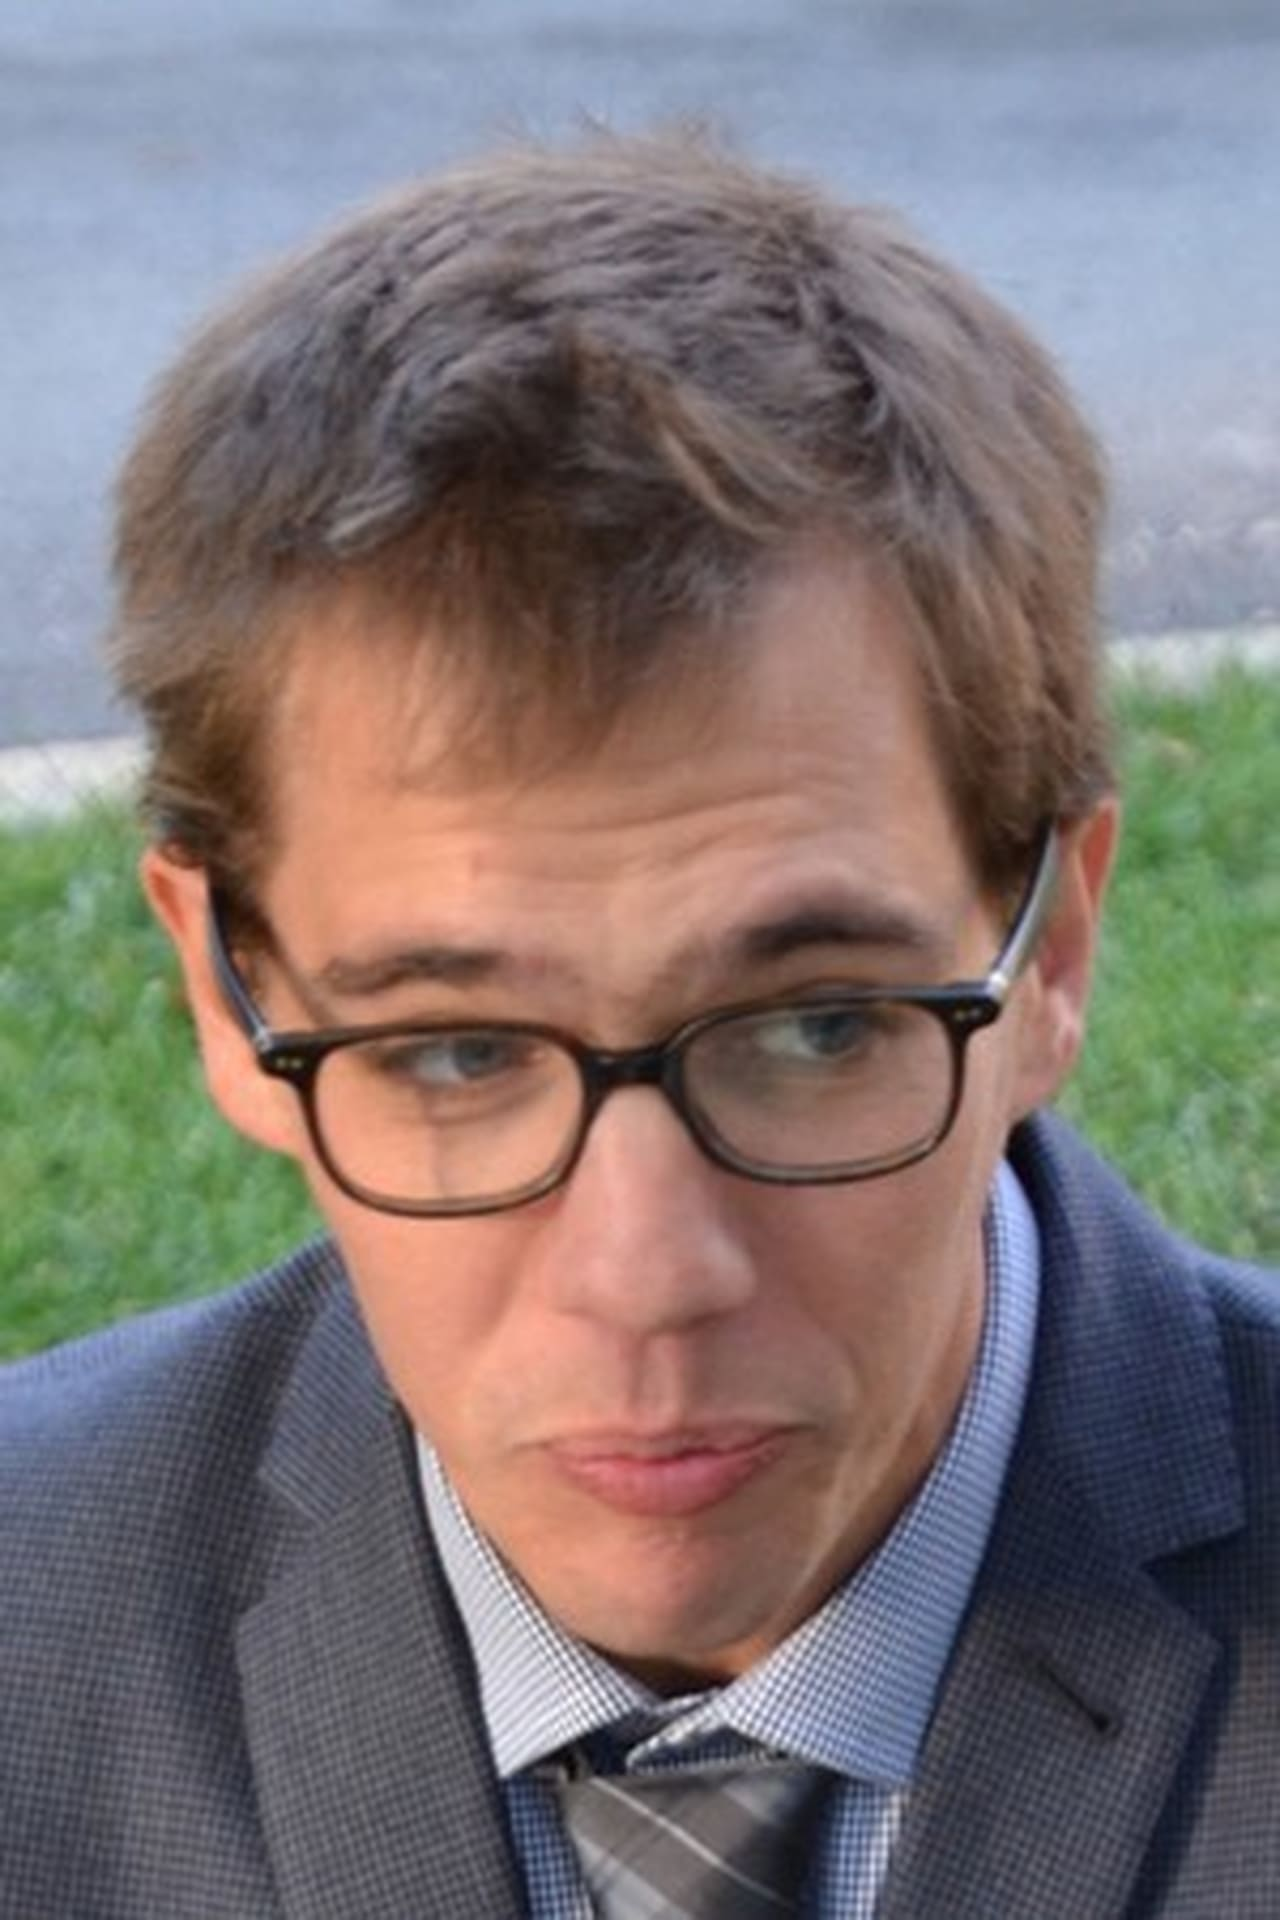 Andy Eklund